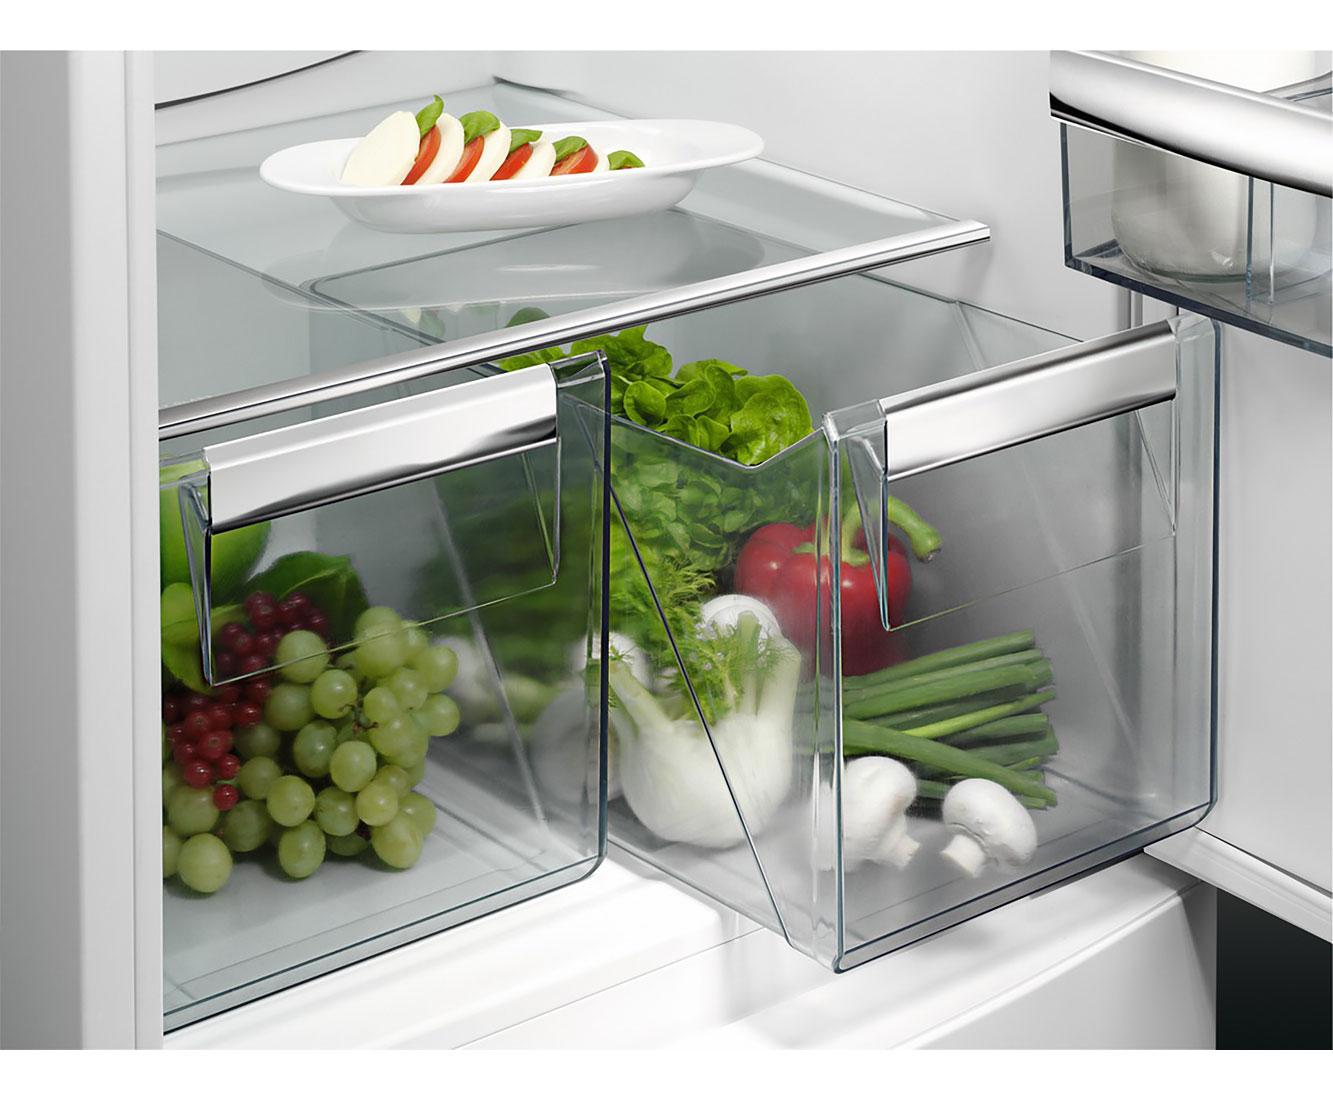 Aeg Kühlschrank Immer Nass : Aeg santo sfa aas einbau kühlschrank mit gefrierfach er